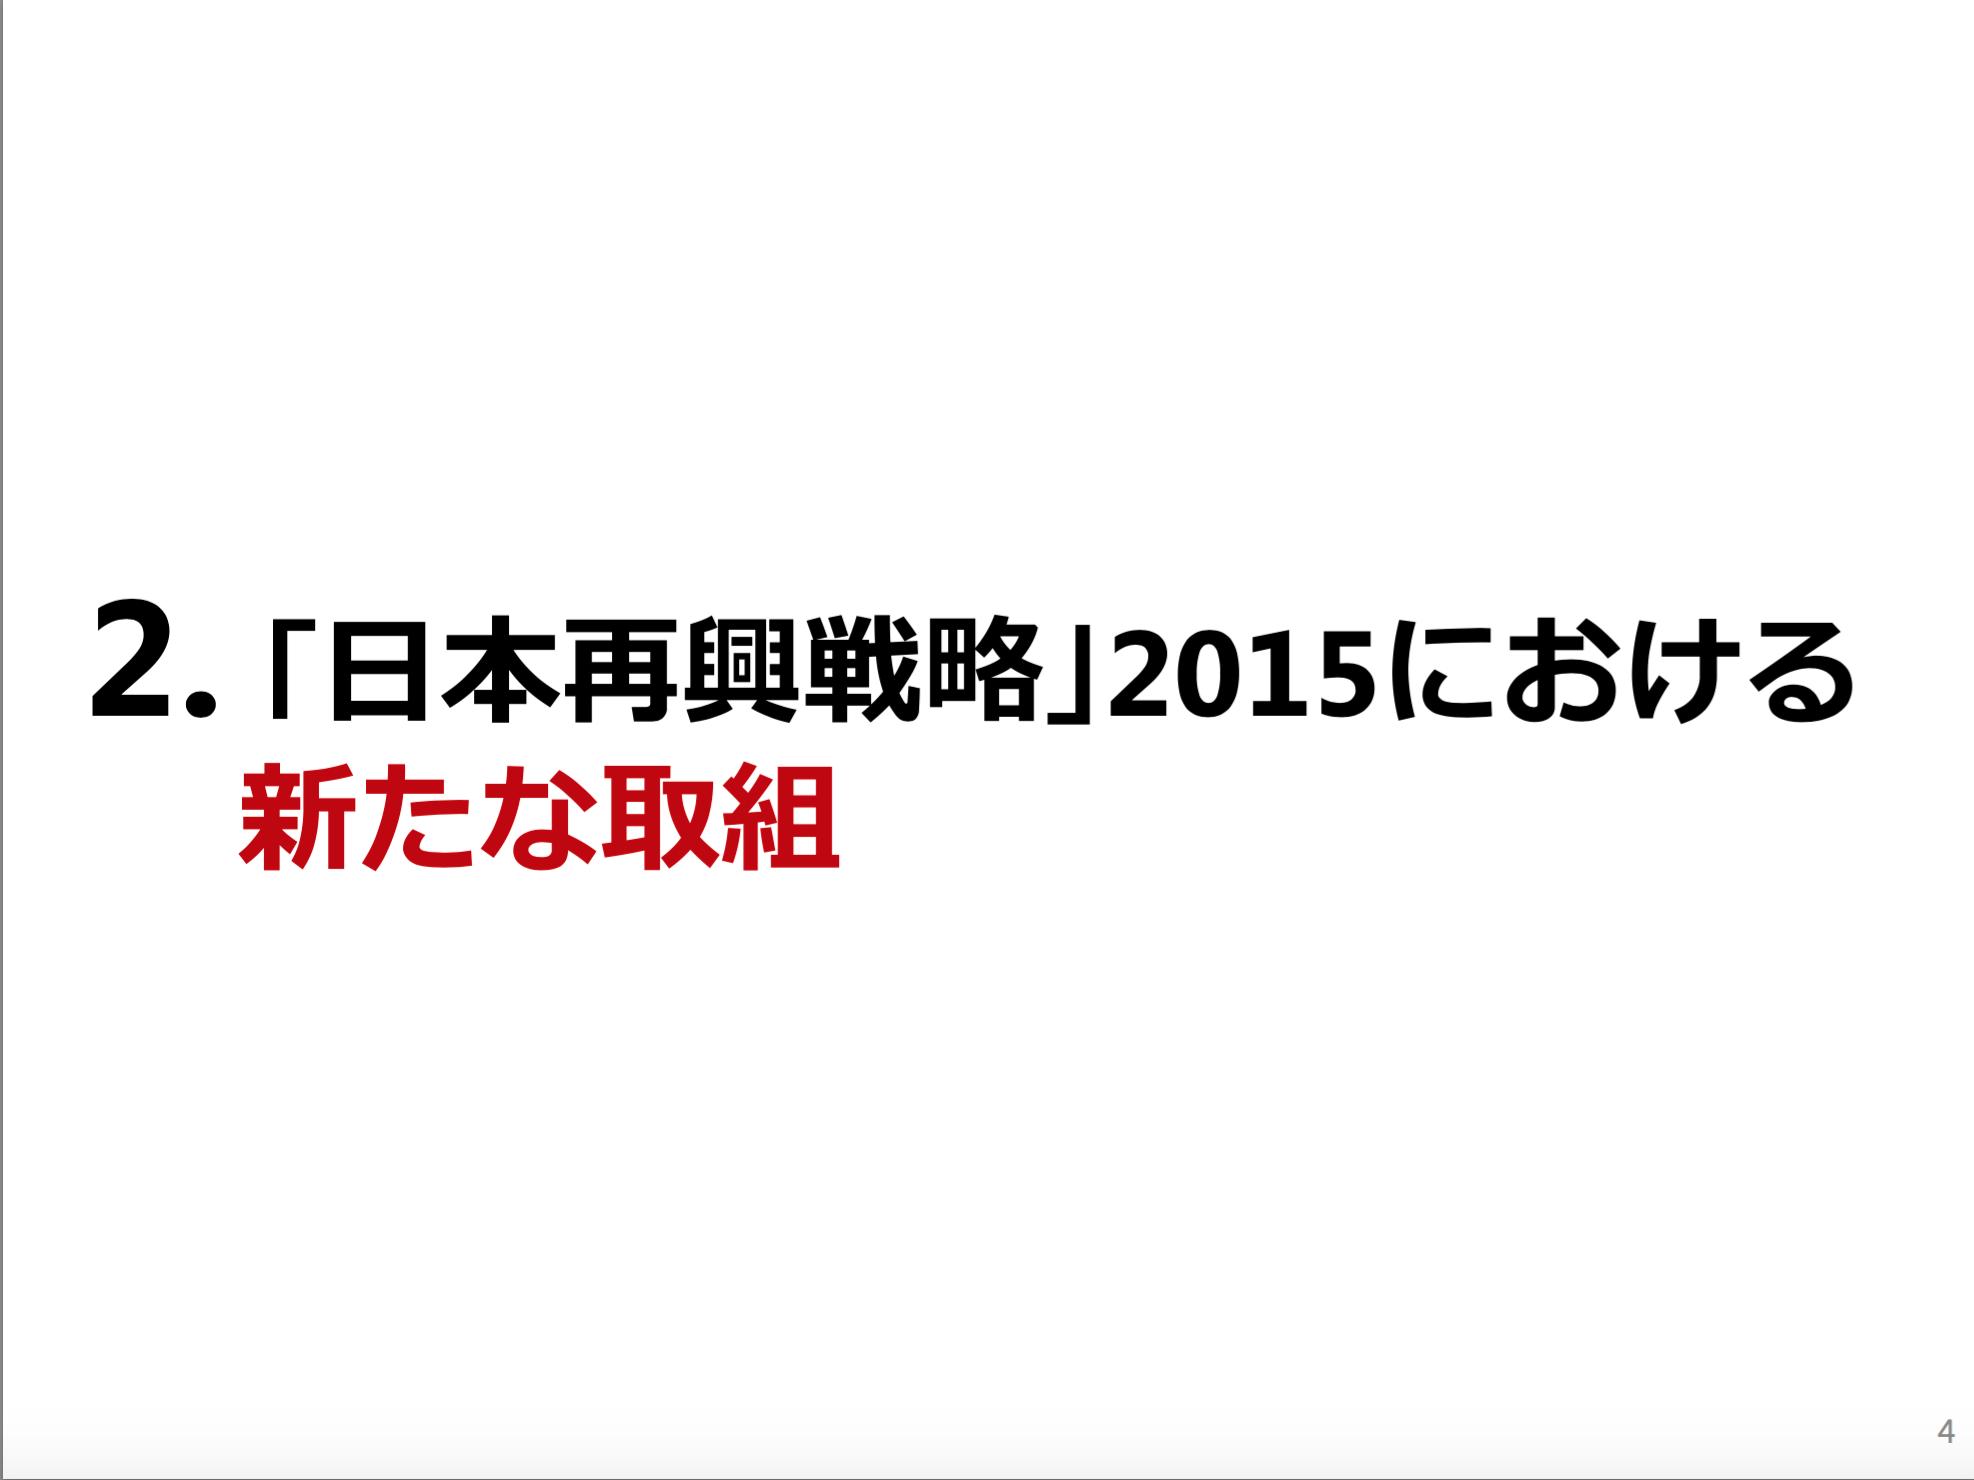 日本再興戦略2015ー4